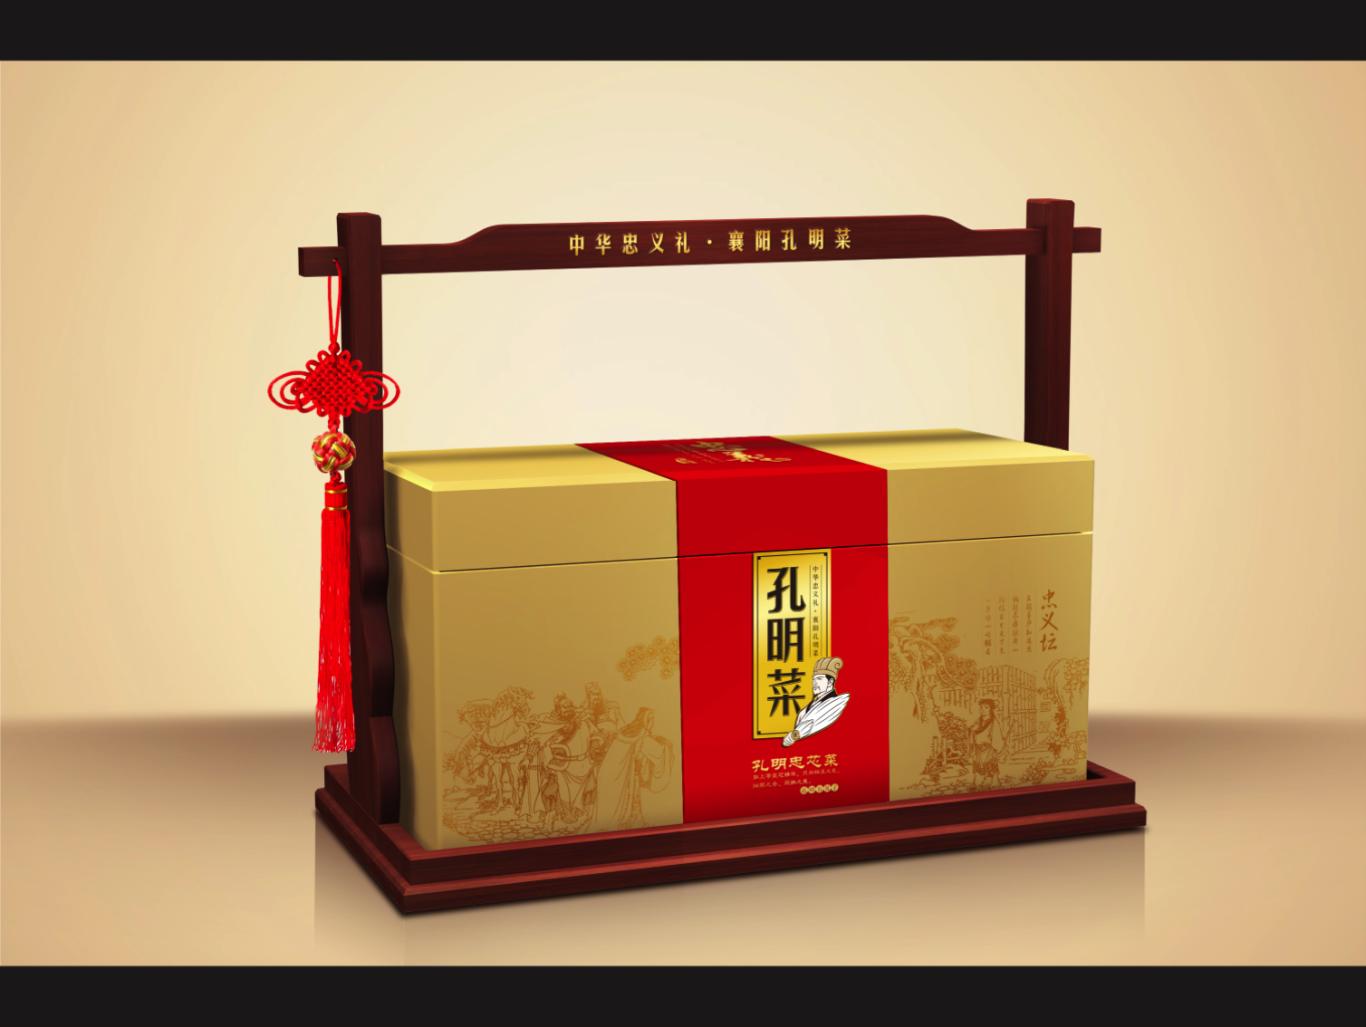 襄阳孔明菜系列产品包装设计图11